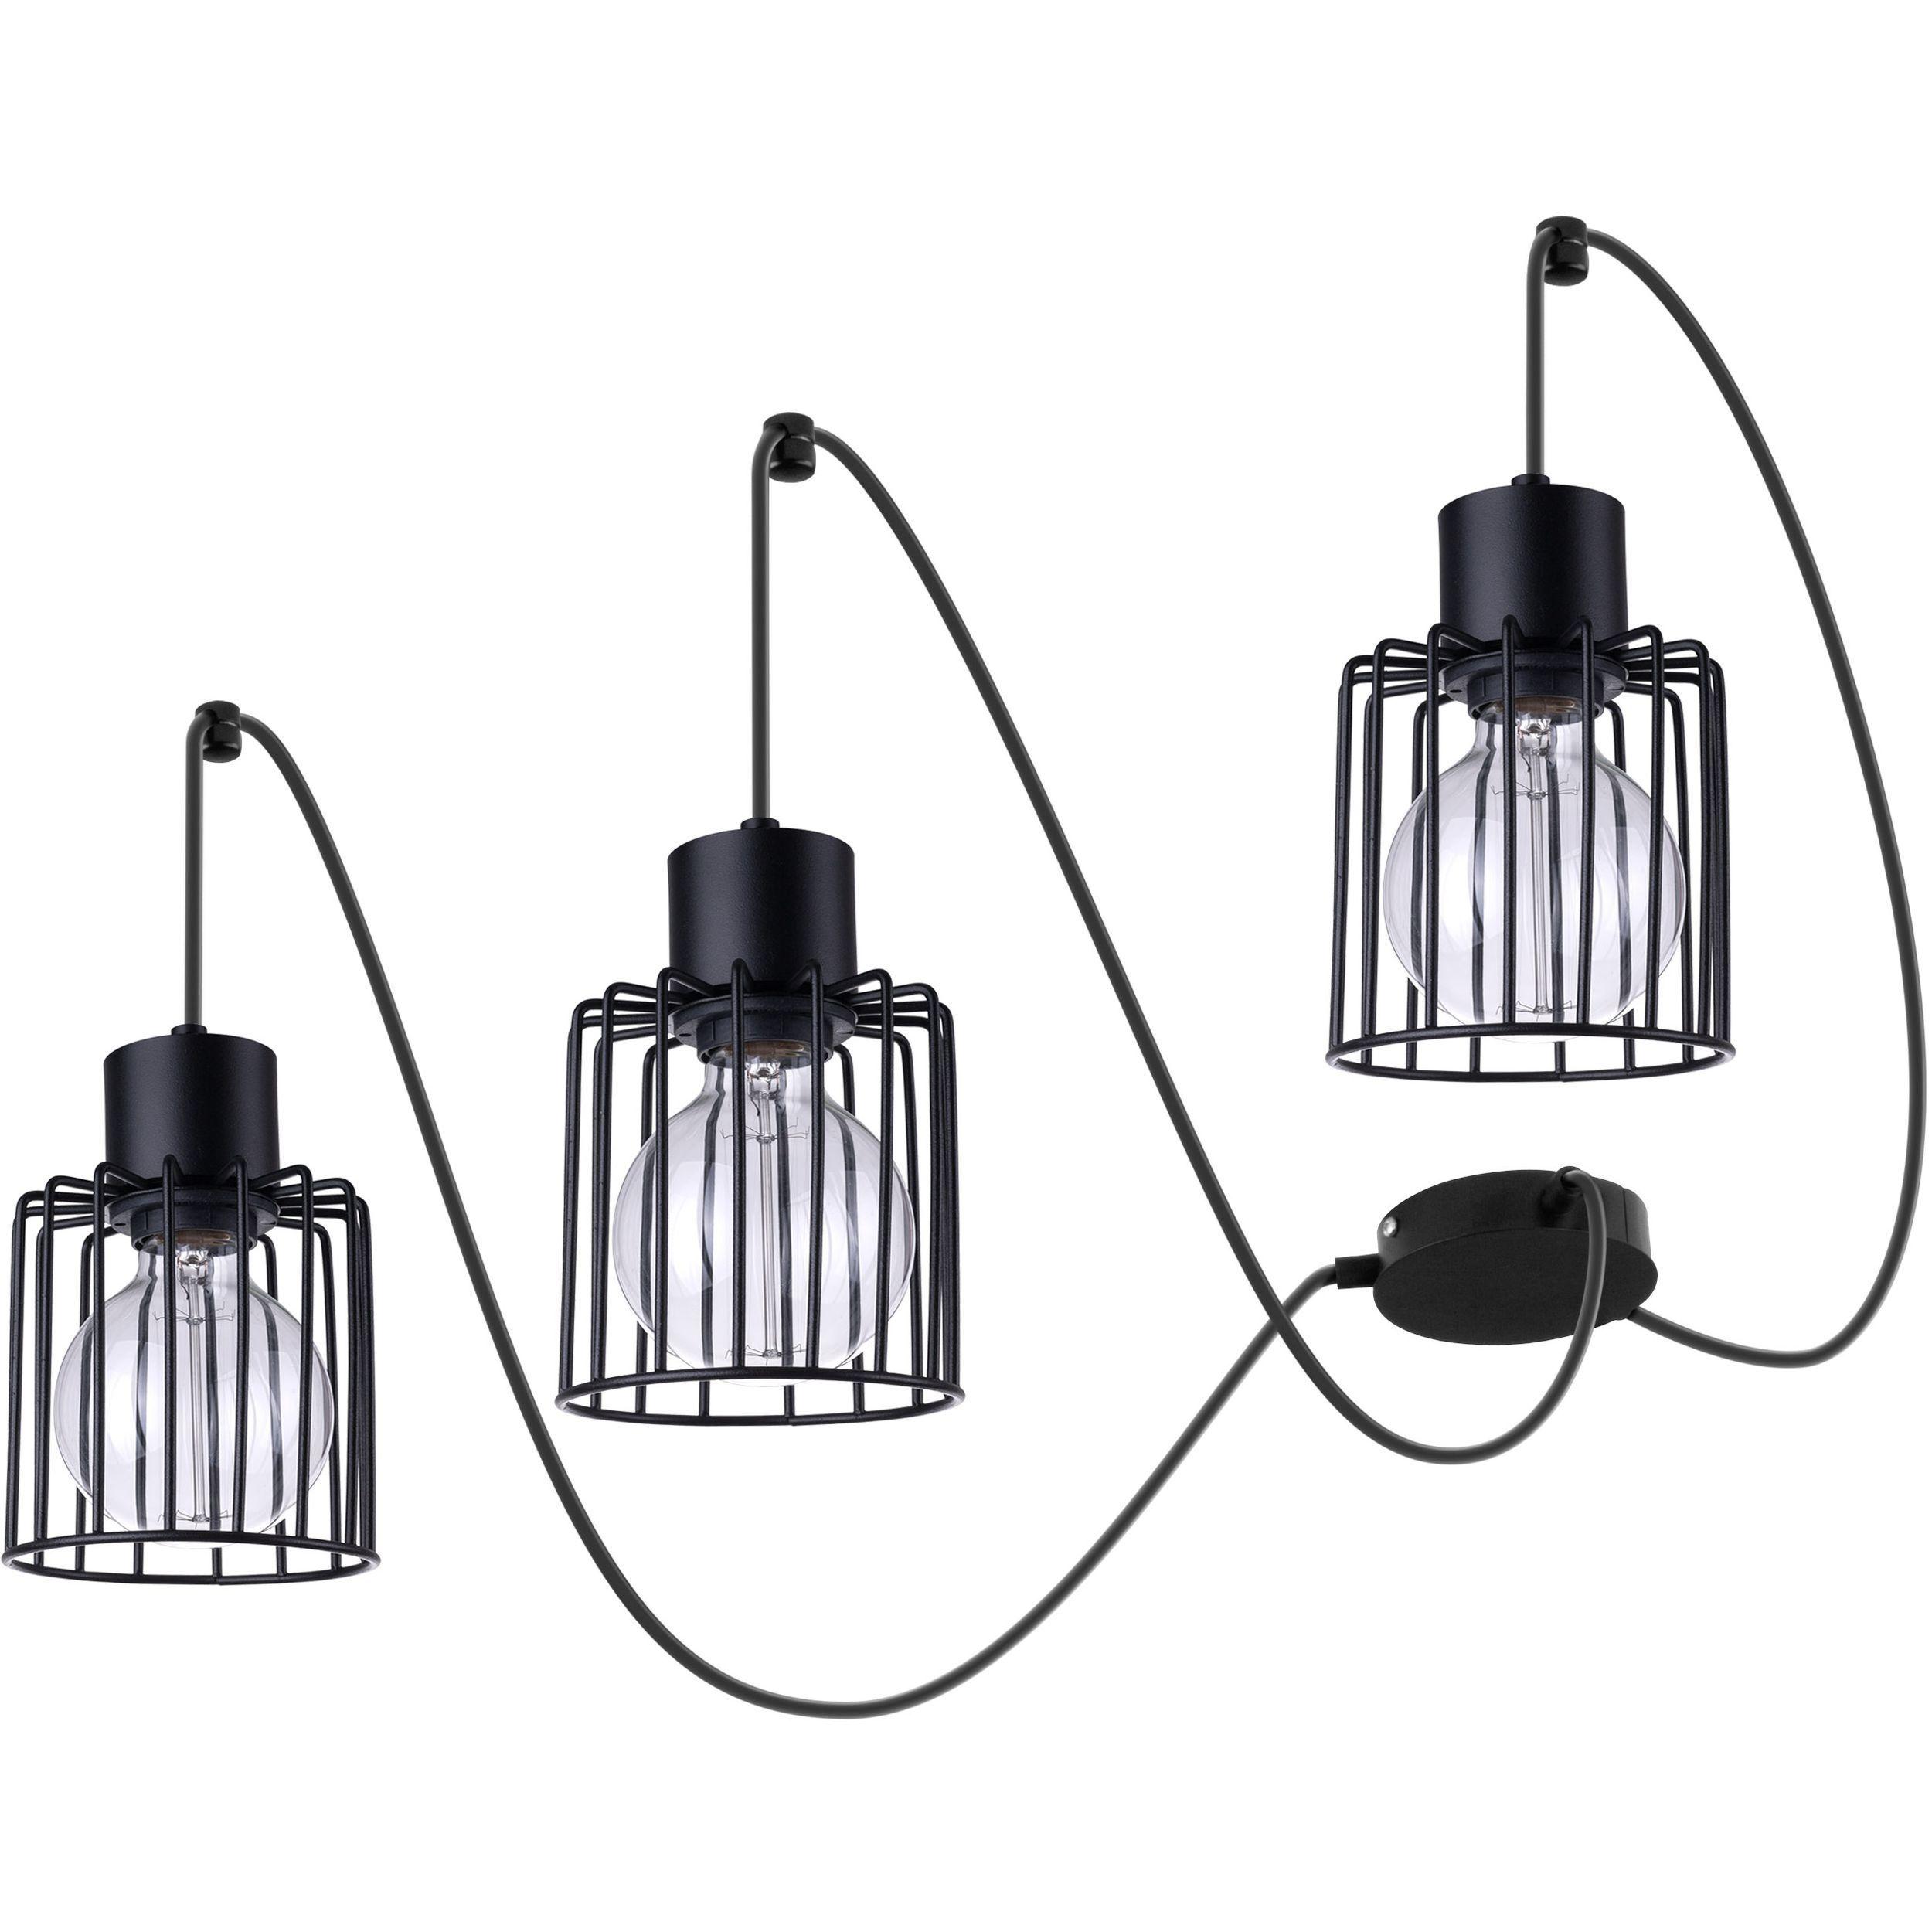 Lampa podwieszana Sigma Luto Kwadrat x3 Czarny